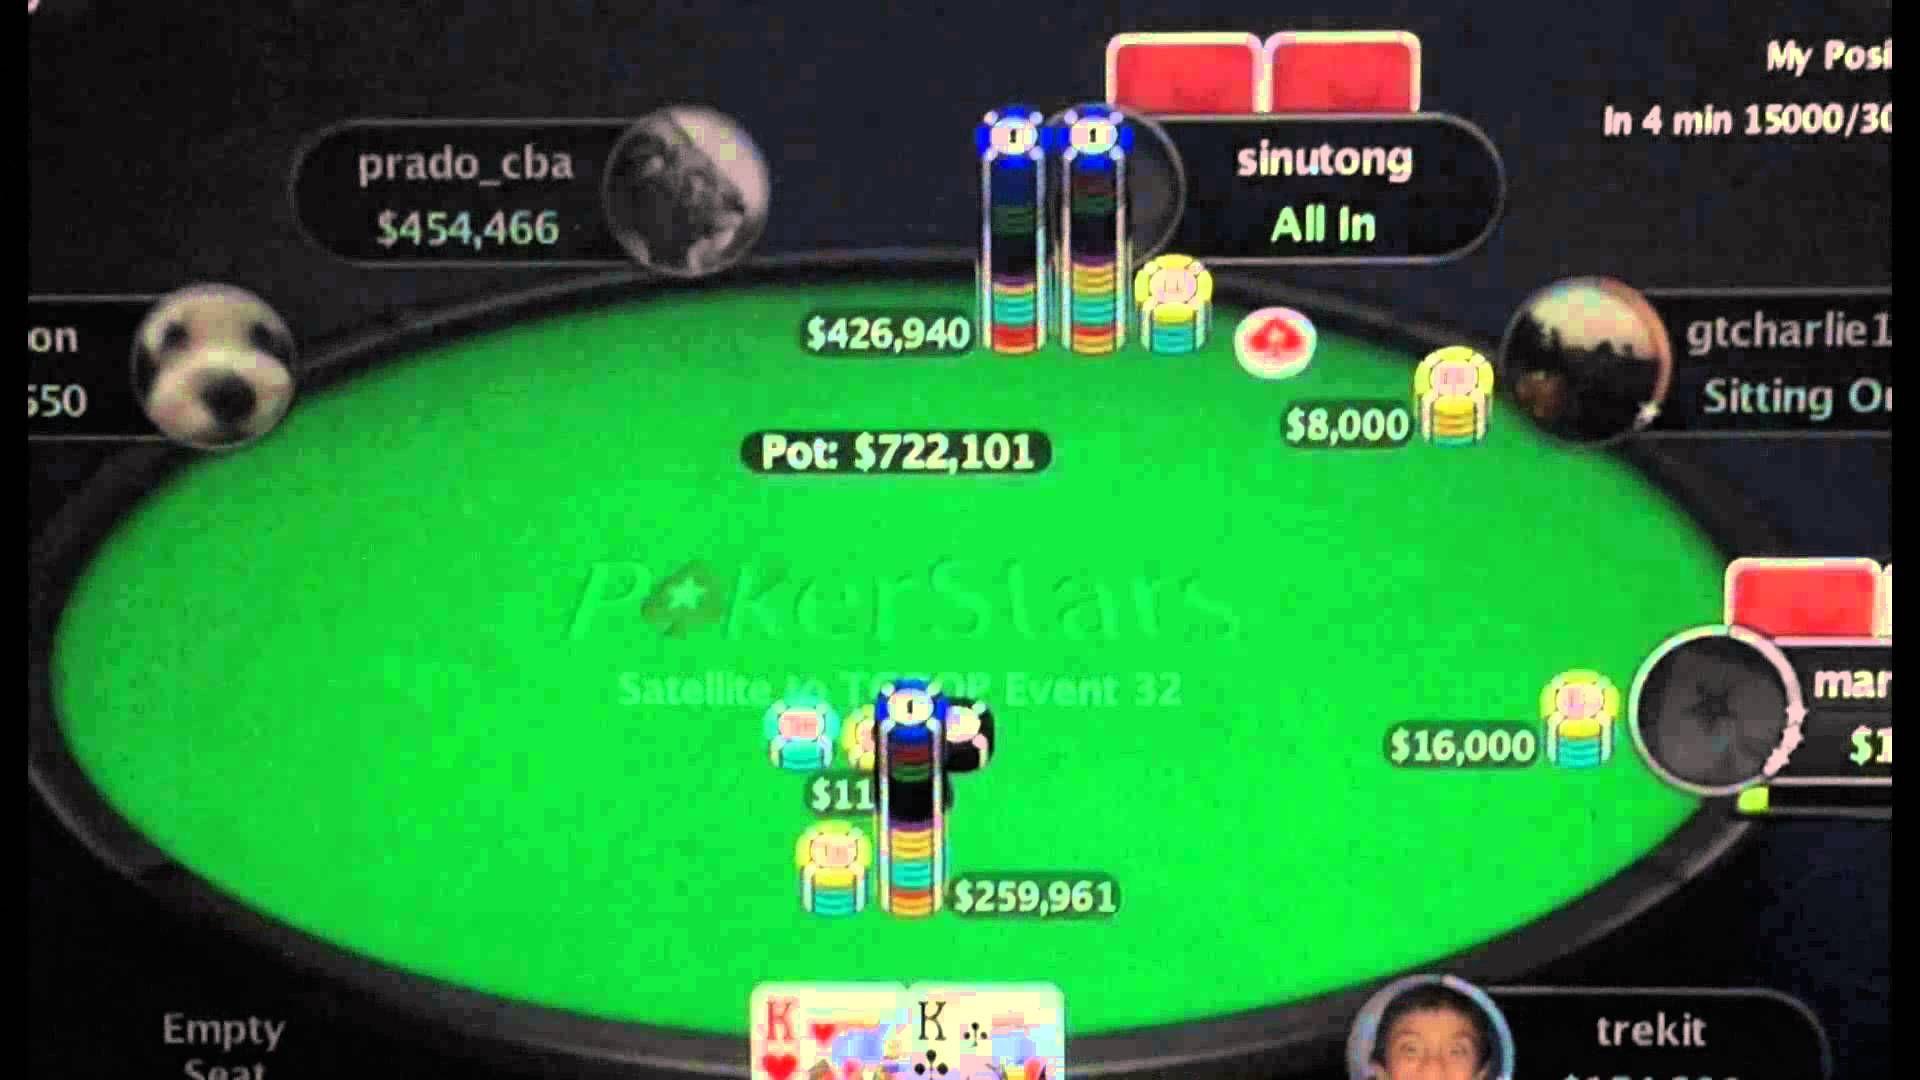 Poker bingo game world series of poker foxwoods